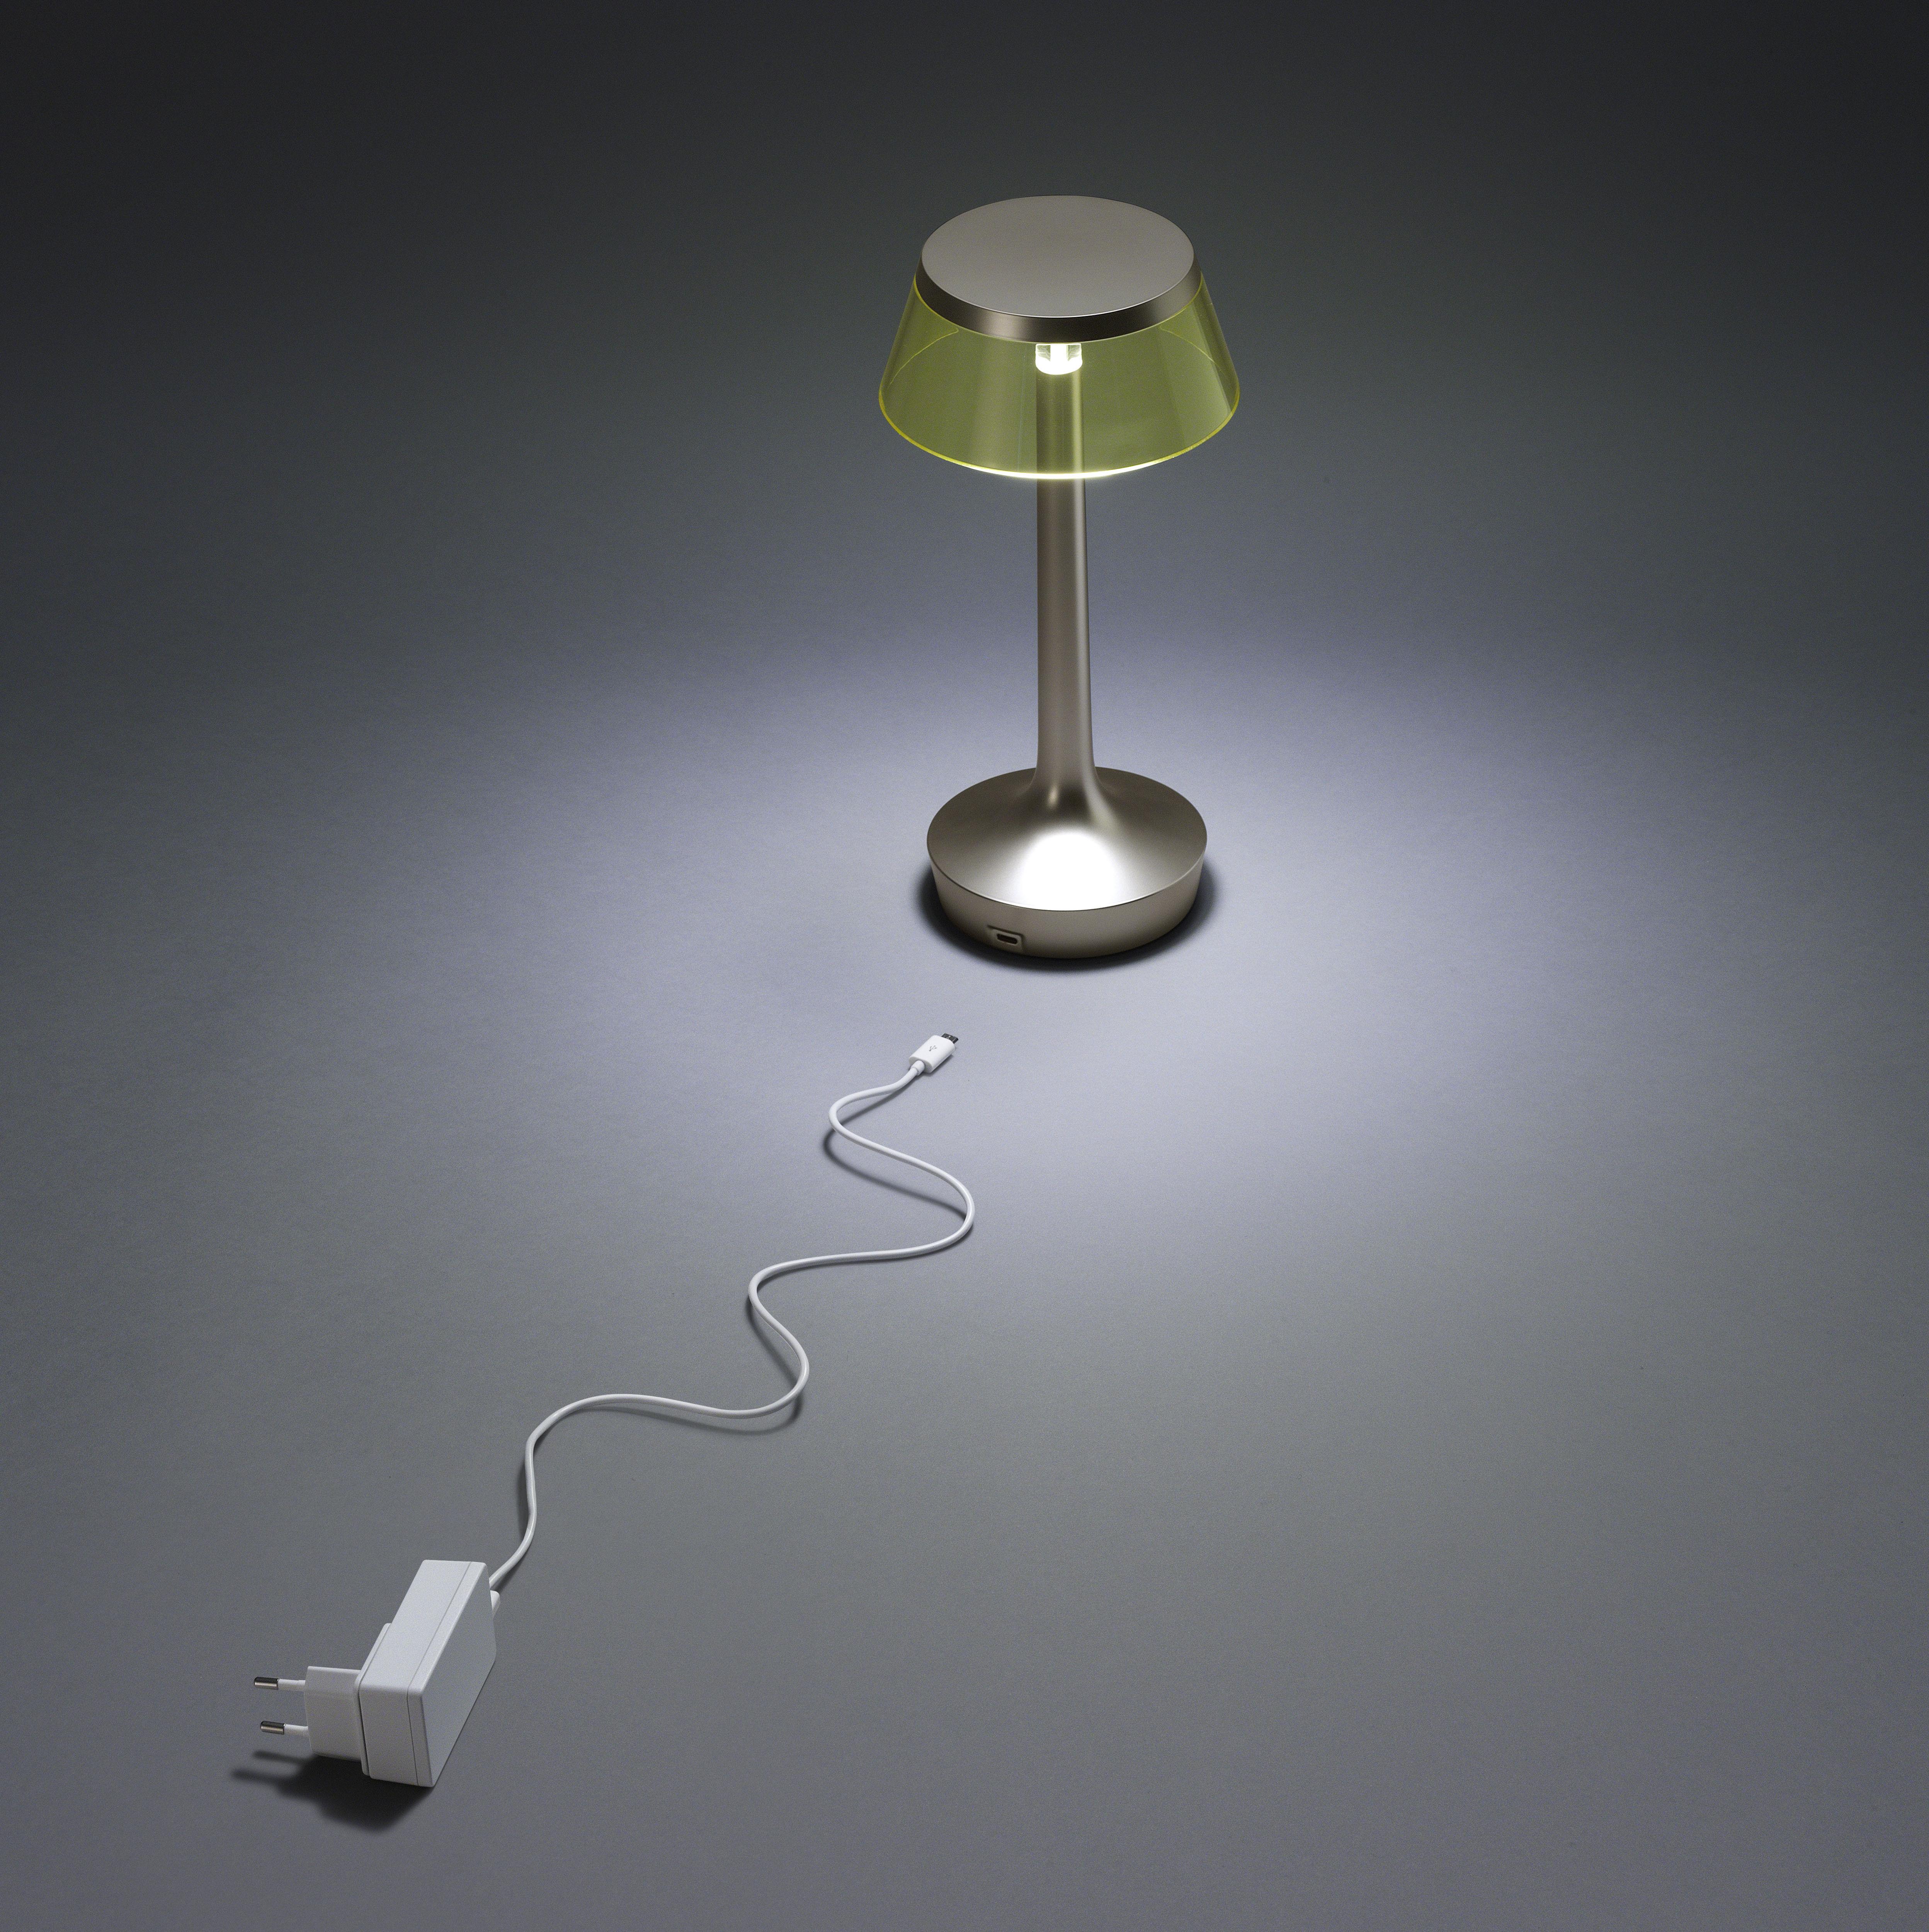 bon jour unplugged led mit micro usb ladekabel flos lampe ohne kabel. Black Bedroom Furniture Sets. Home Design Ideas